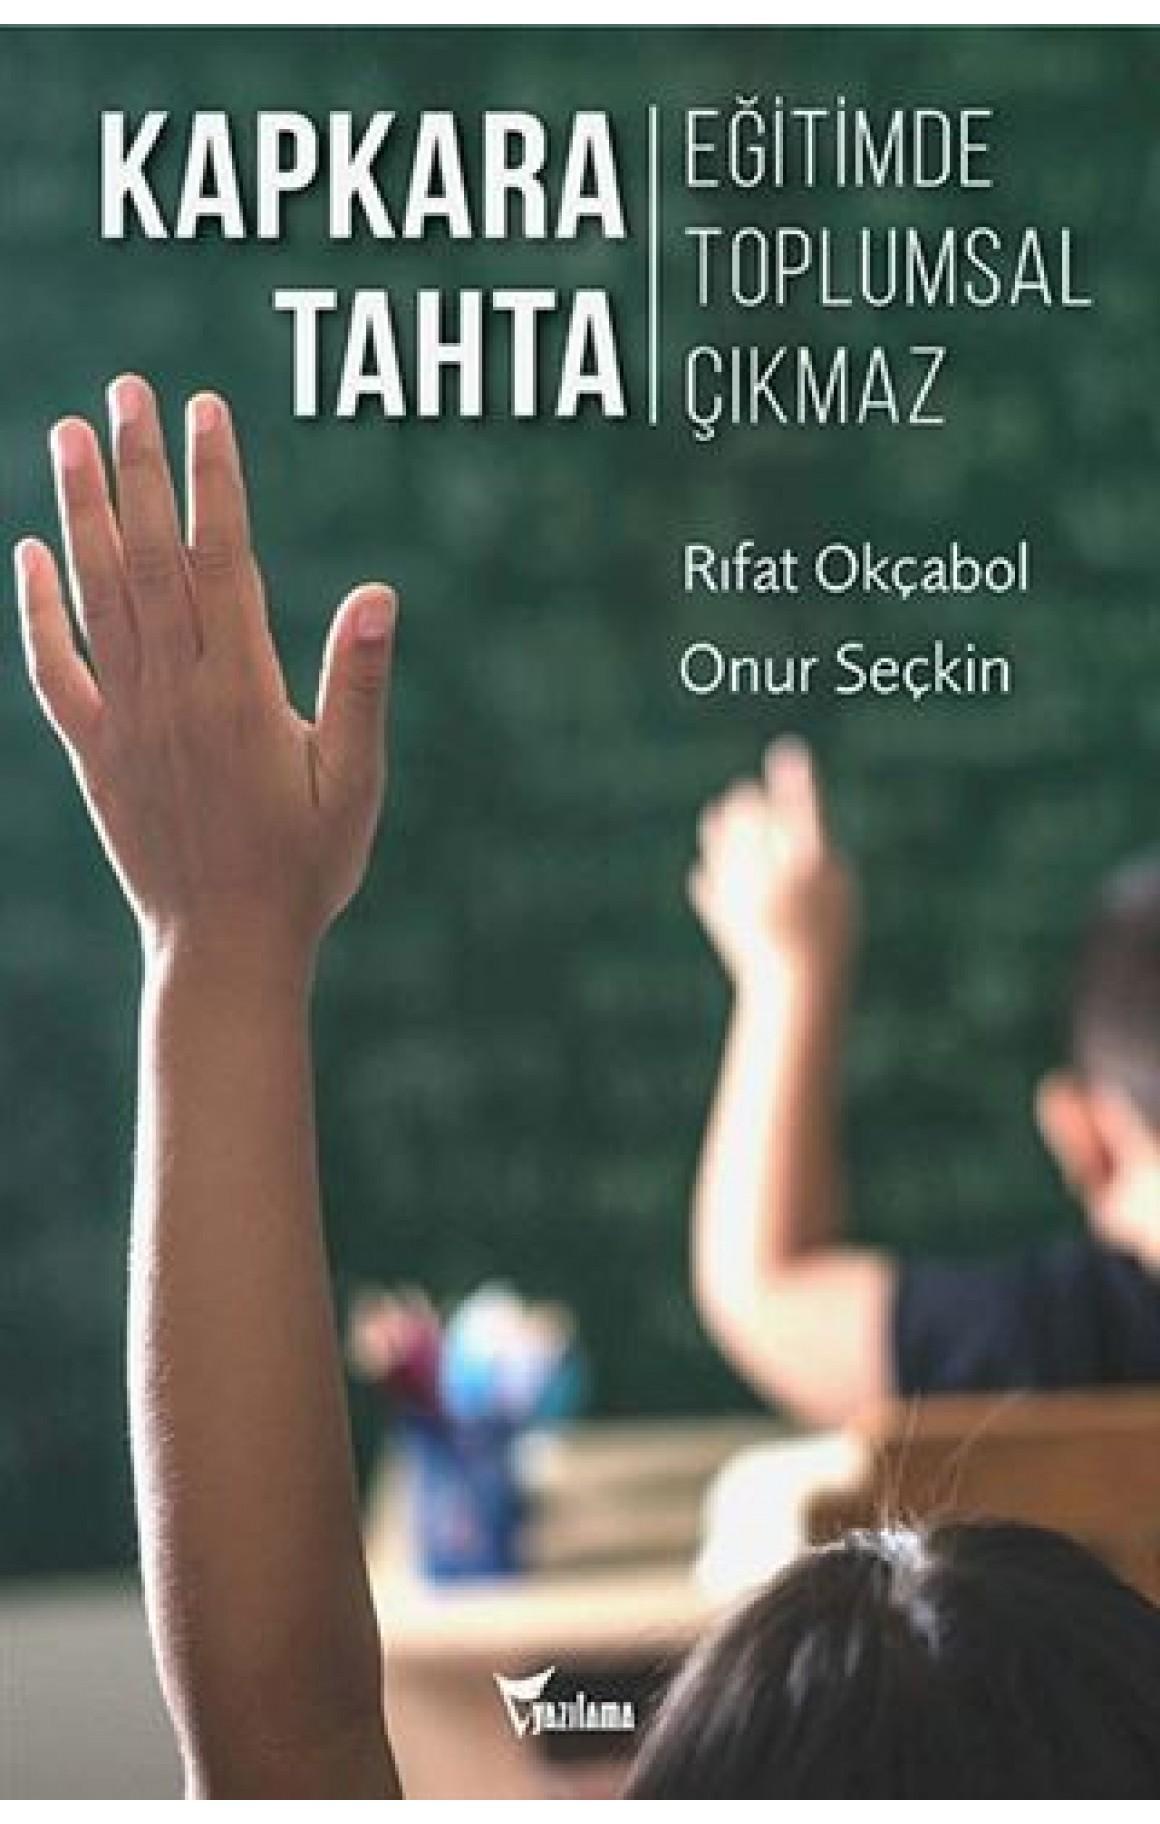 Kapkara Tahta - Eğitimde Toplumsal Çıkmaz